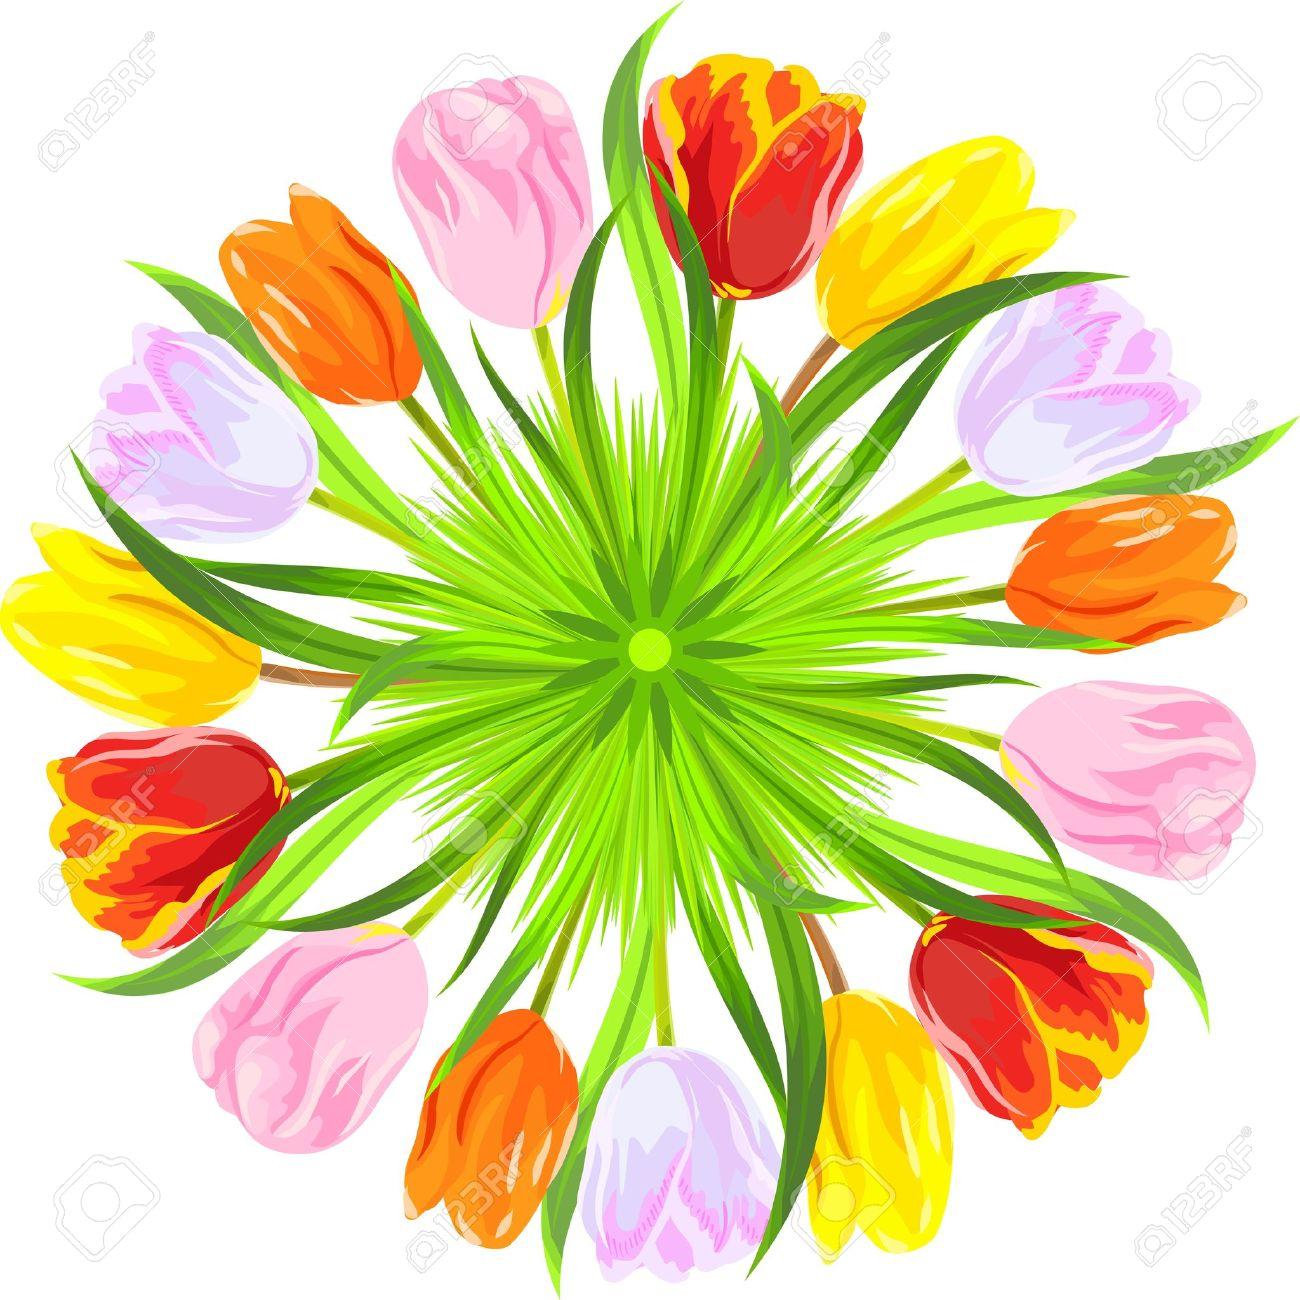 Círculo De Color Rojo, Amarillo, Rosa, Tulipanes De Color Naranja ...